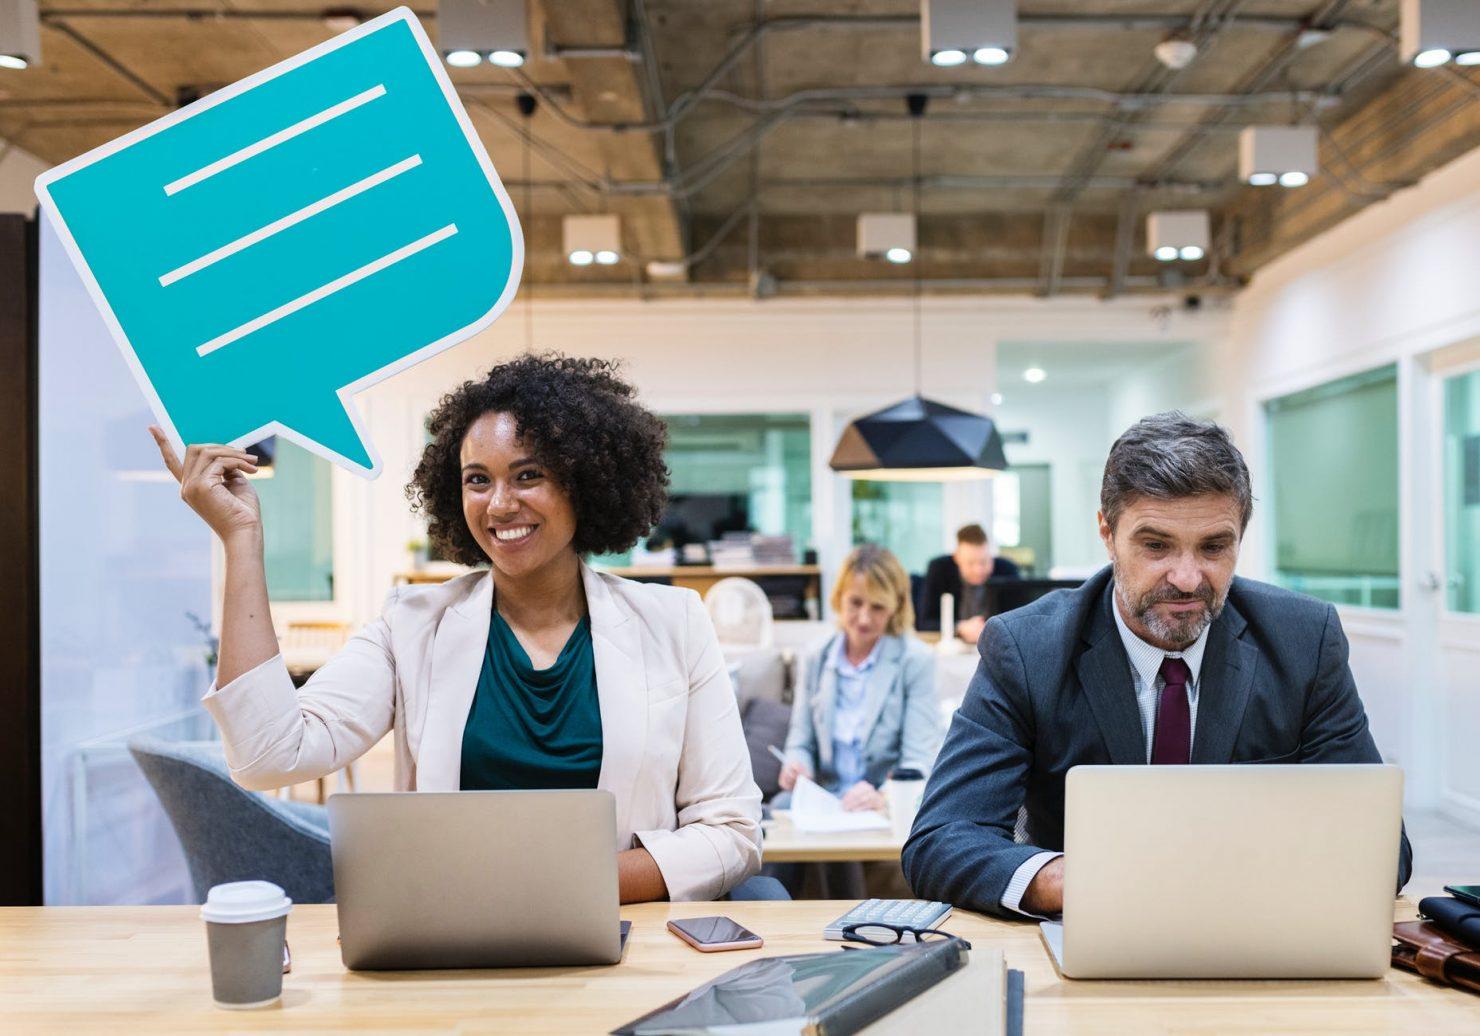 Quelle est l'influence des réseaux sociaux sur les relations publiques